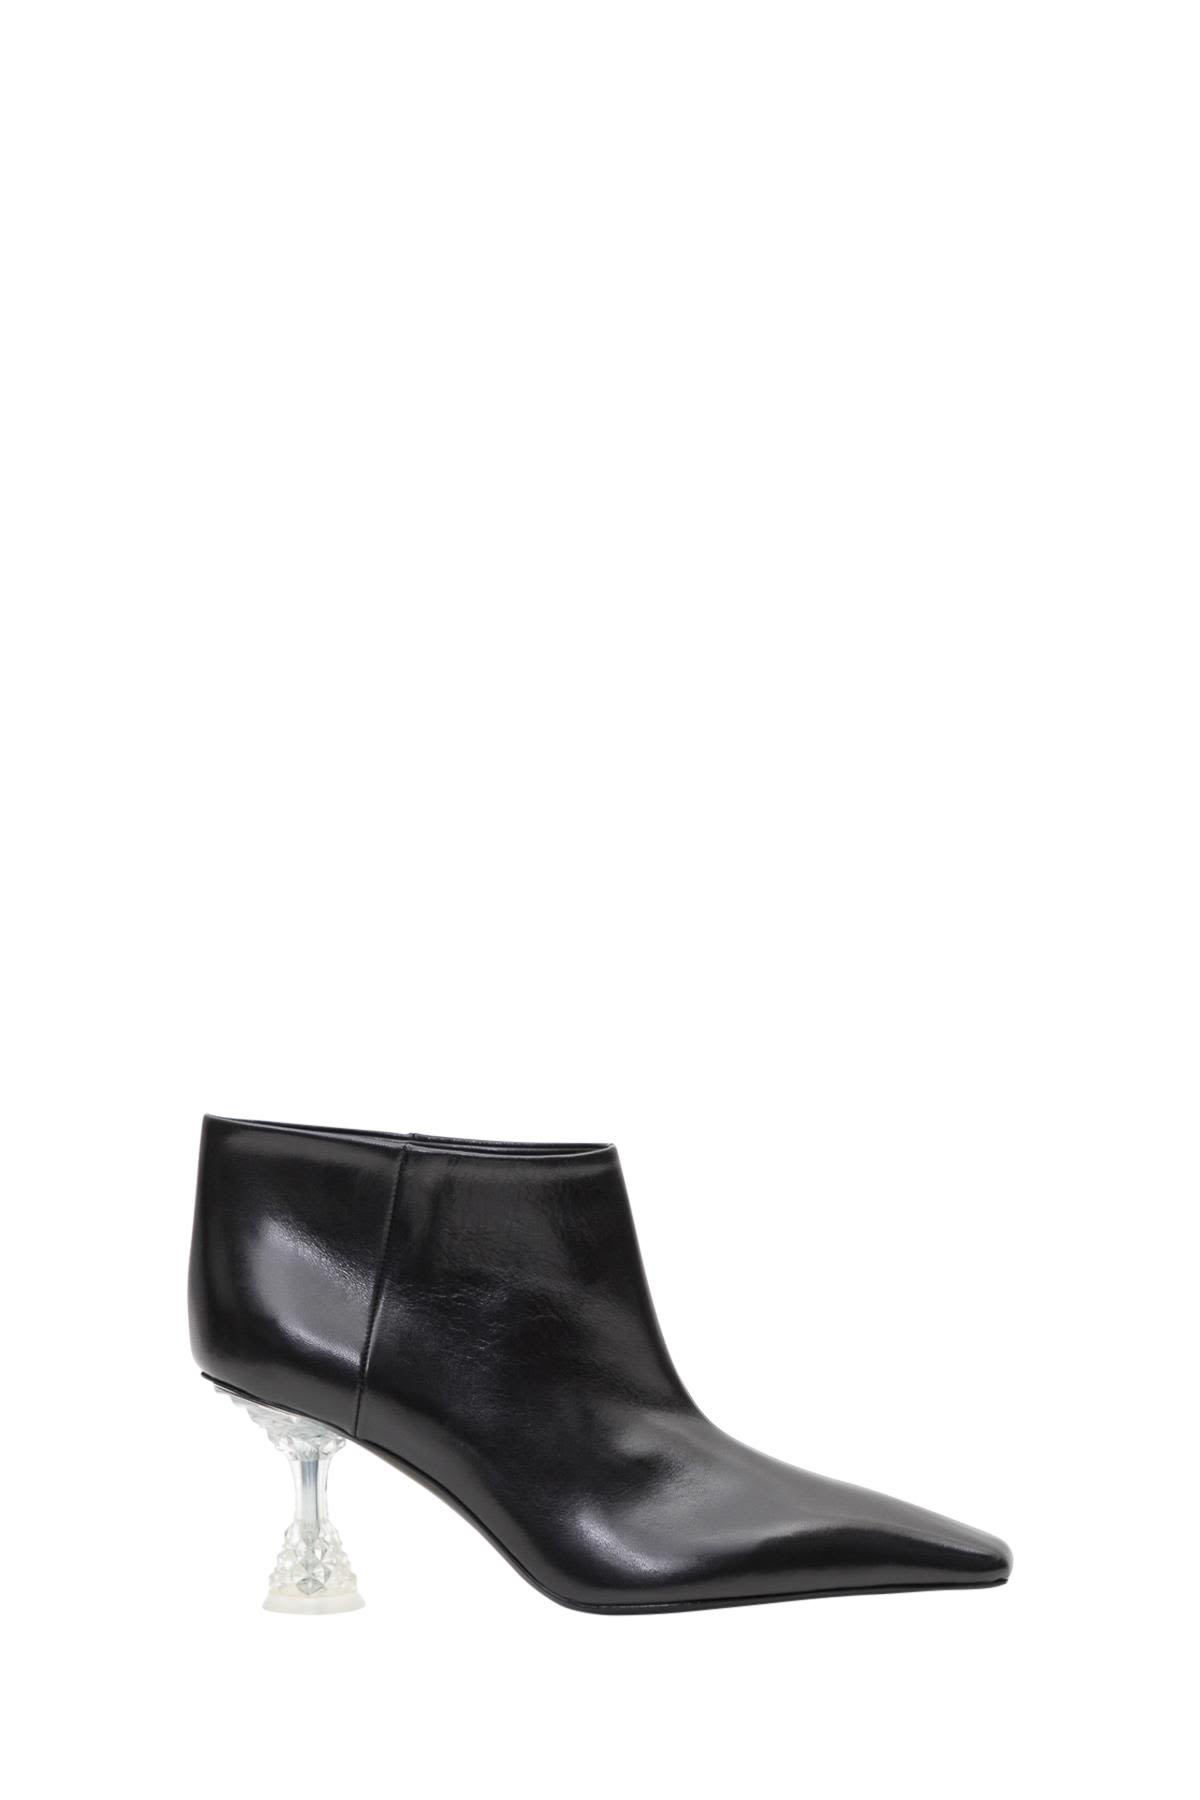 689abca2047c2 Celine Facetted Heel Low Boot In Nero | ModeSens